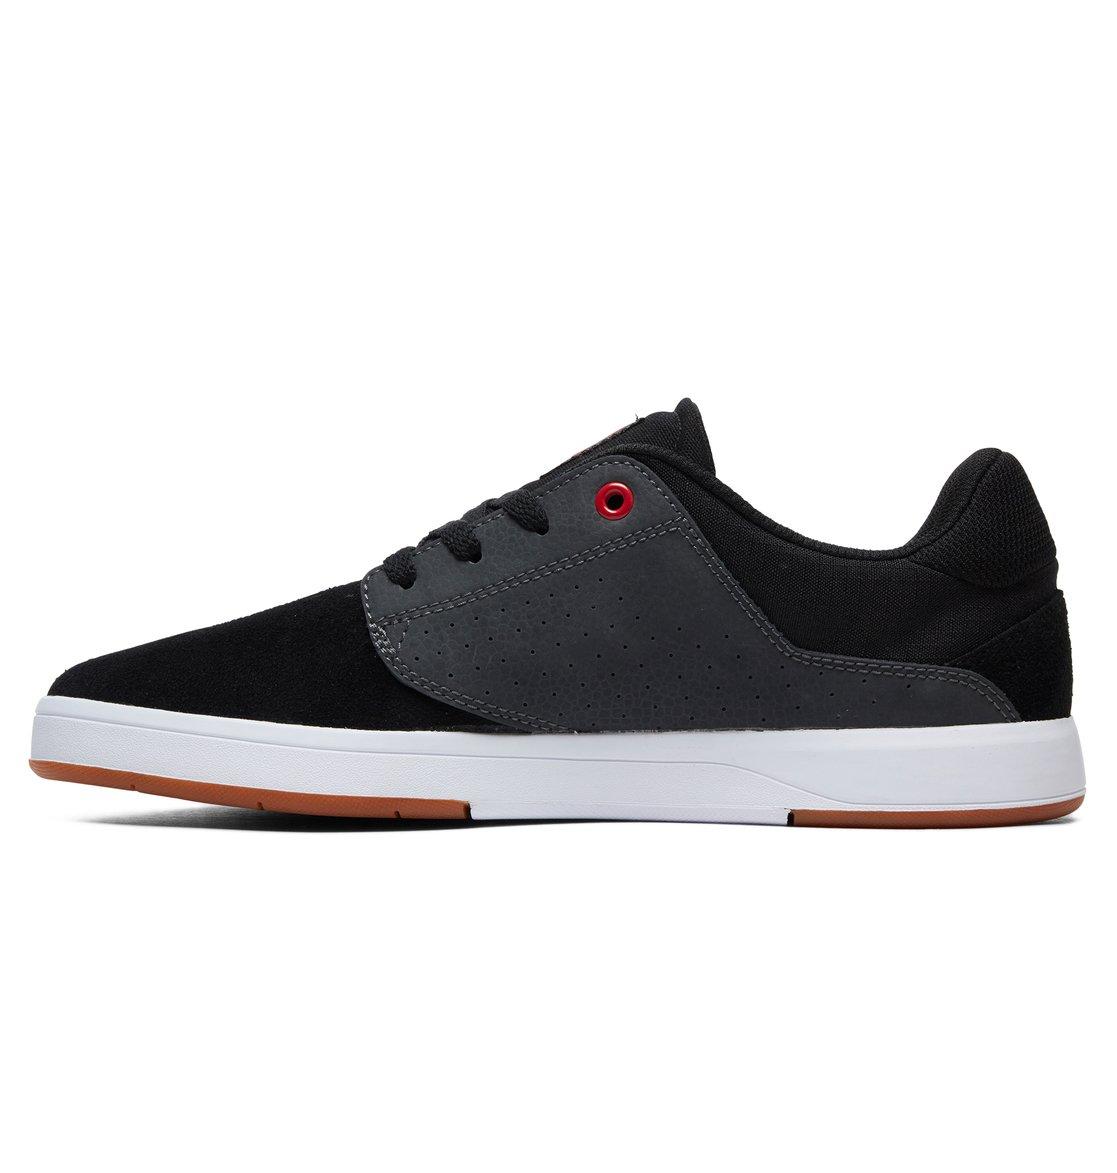 5fec03925a5 2 Plaza S Skate Shoes Black ADYS100319 DC Shoes